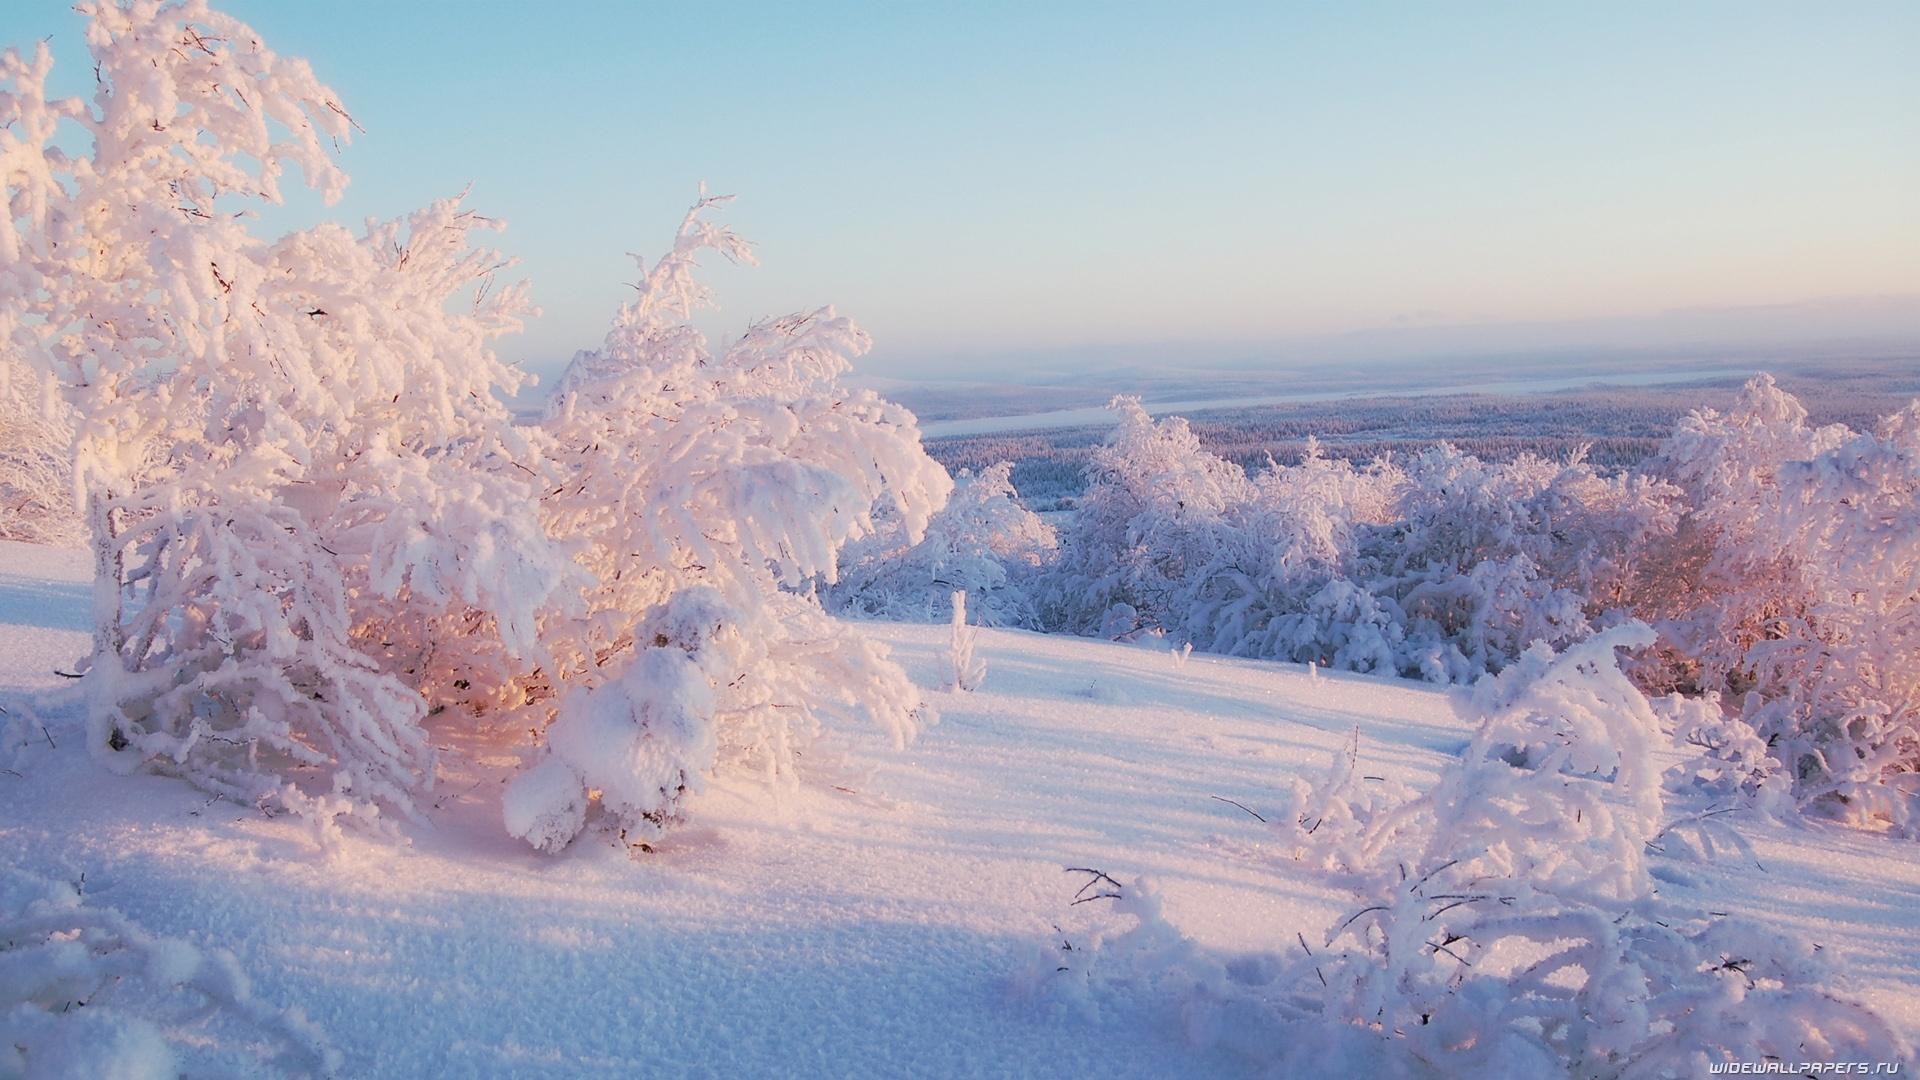 Snowy Morning Wallpaper